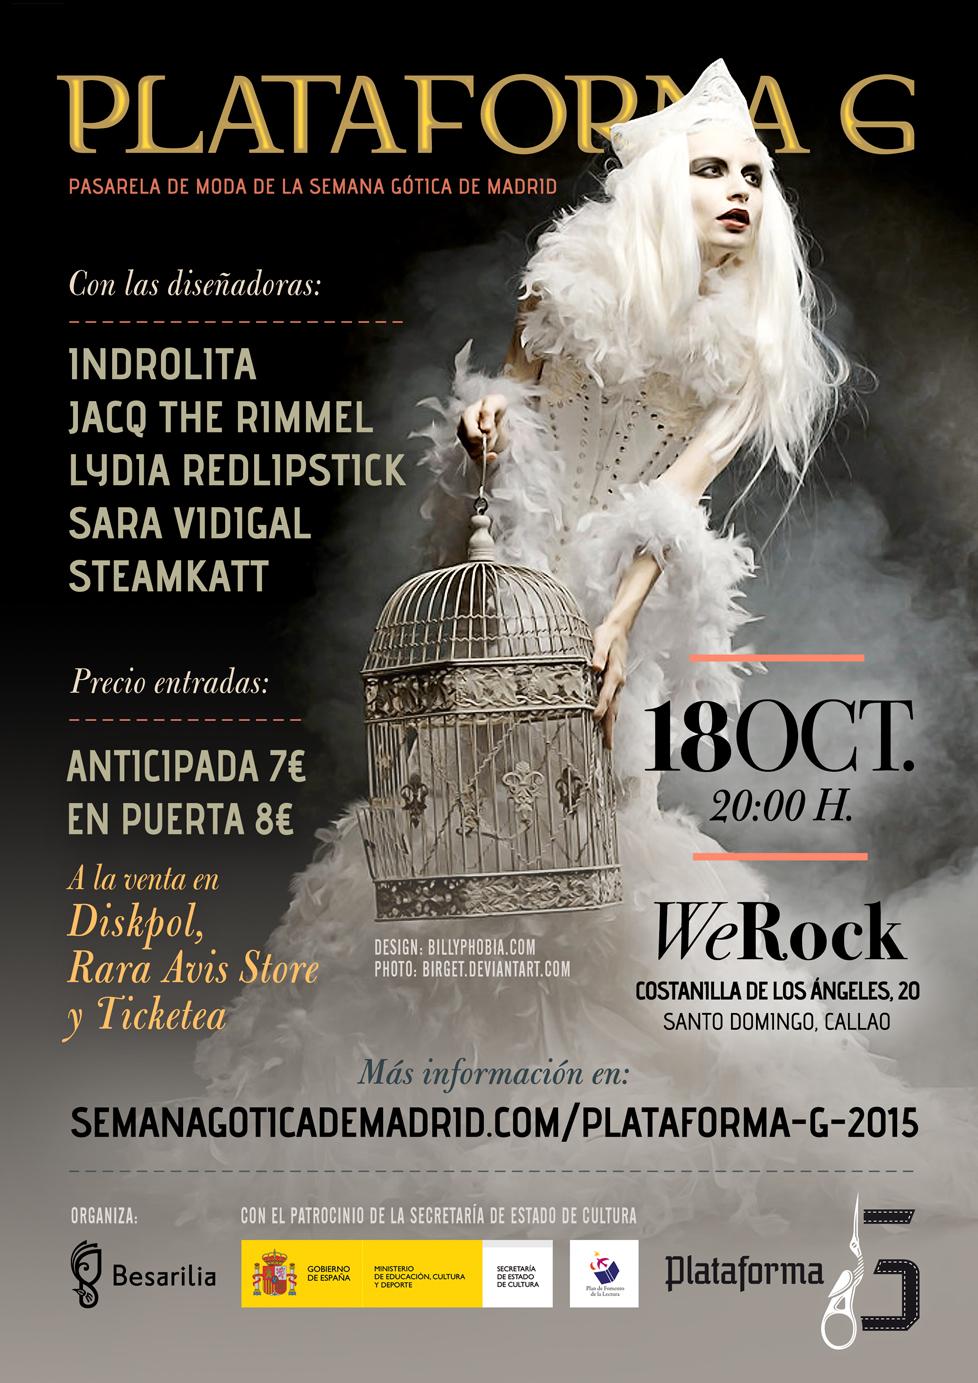 VII Edición de Plataforma G - Semana Gótica de Madrid